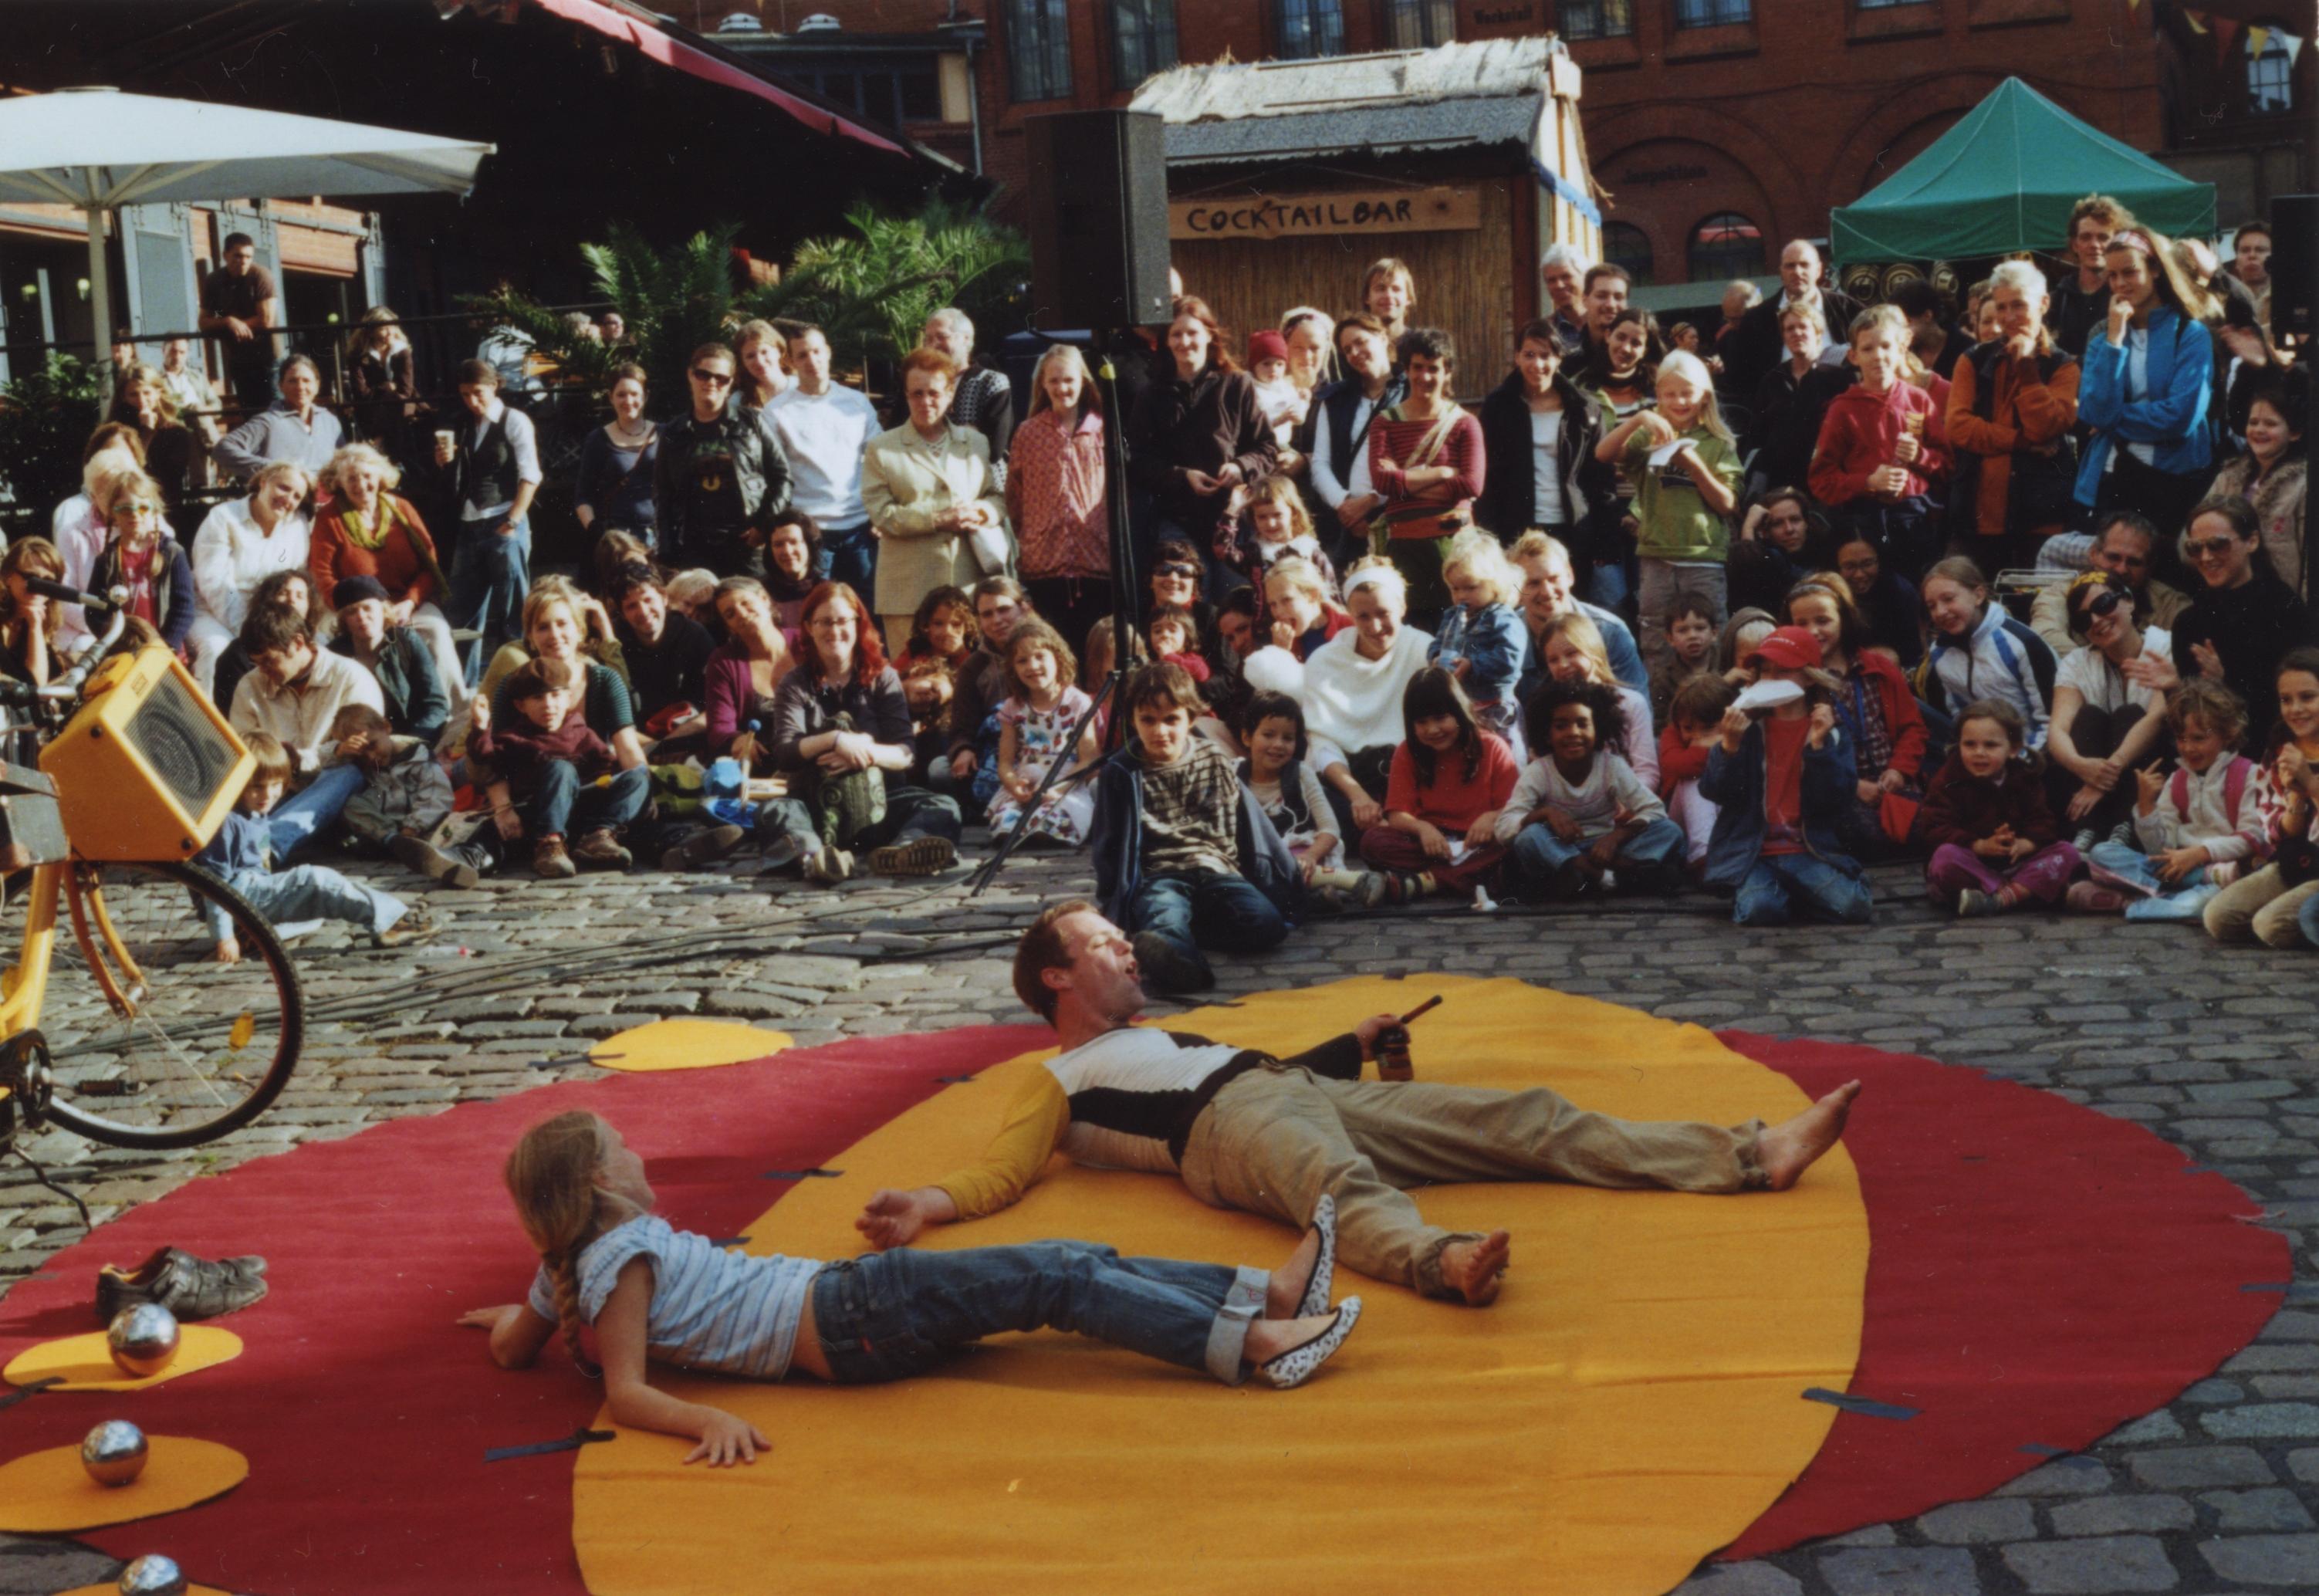 Tanzjonglage das Familienprogramm bei Berlin lacht